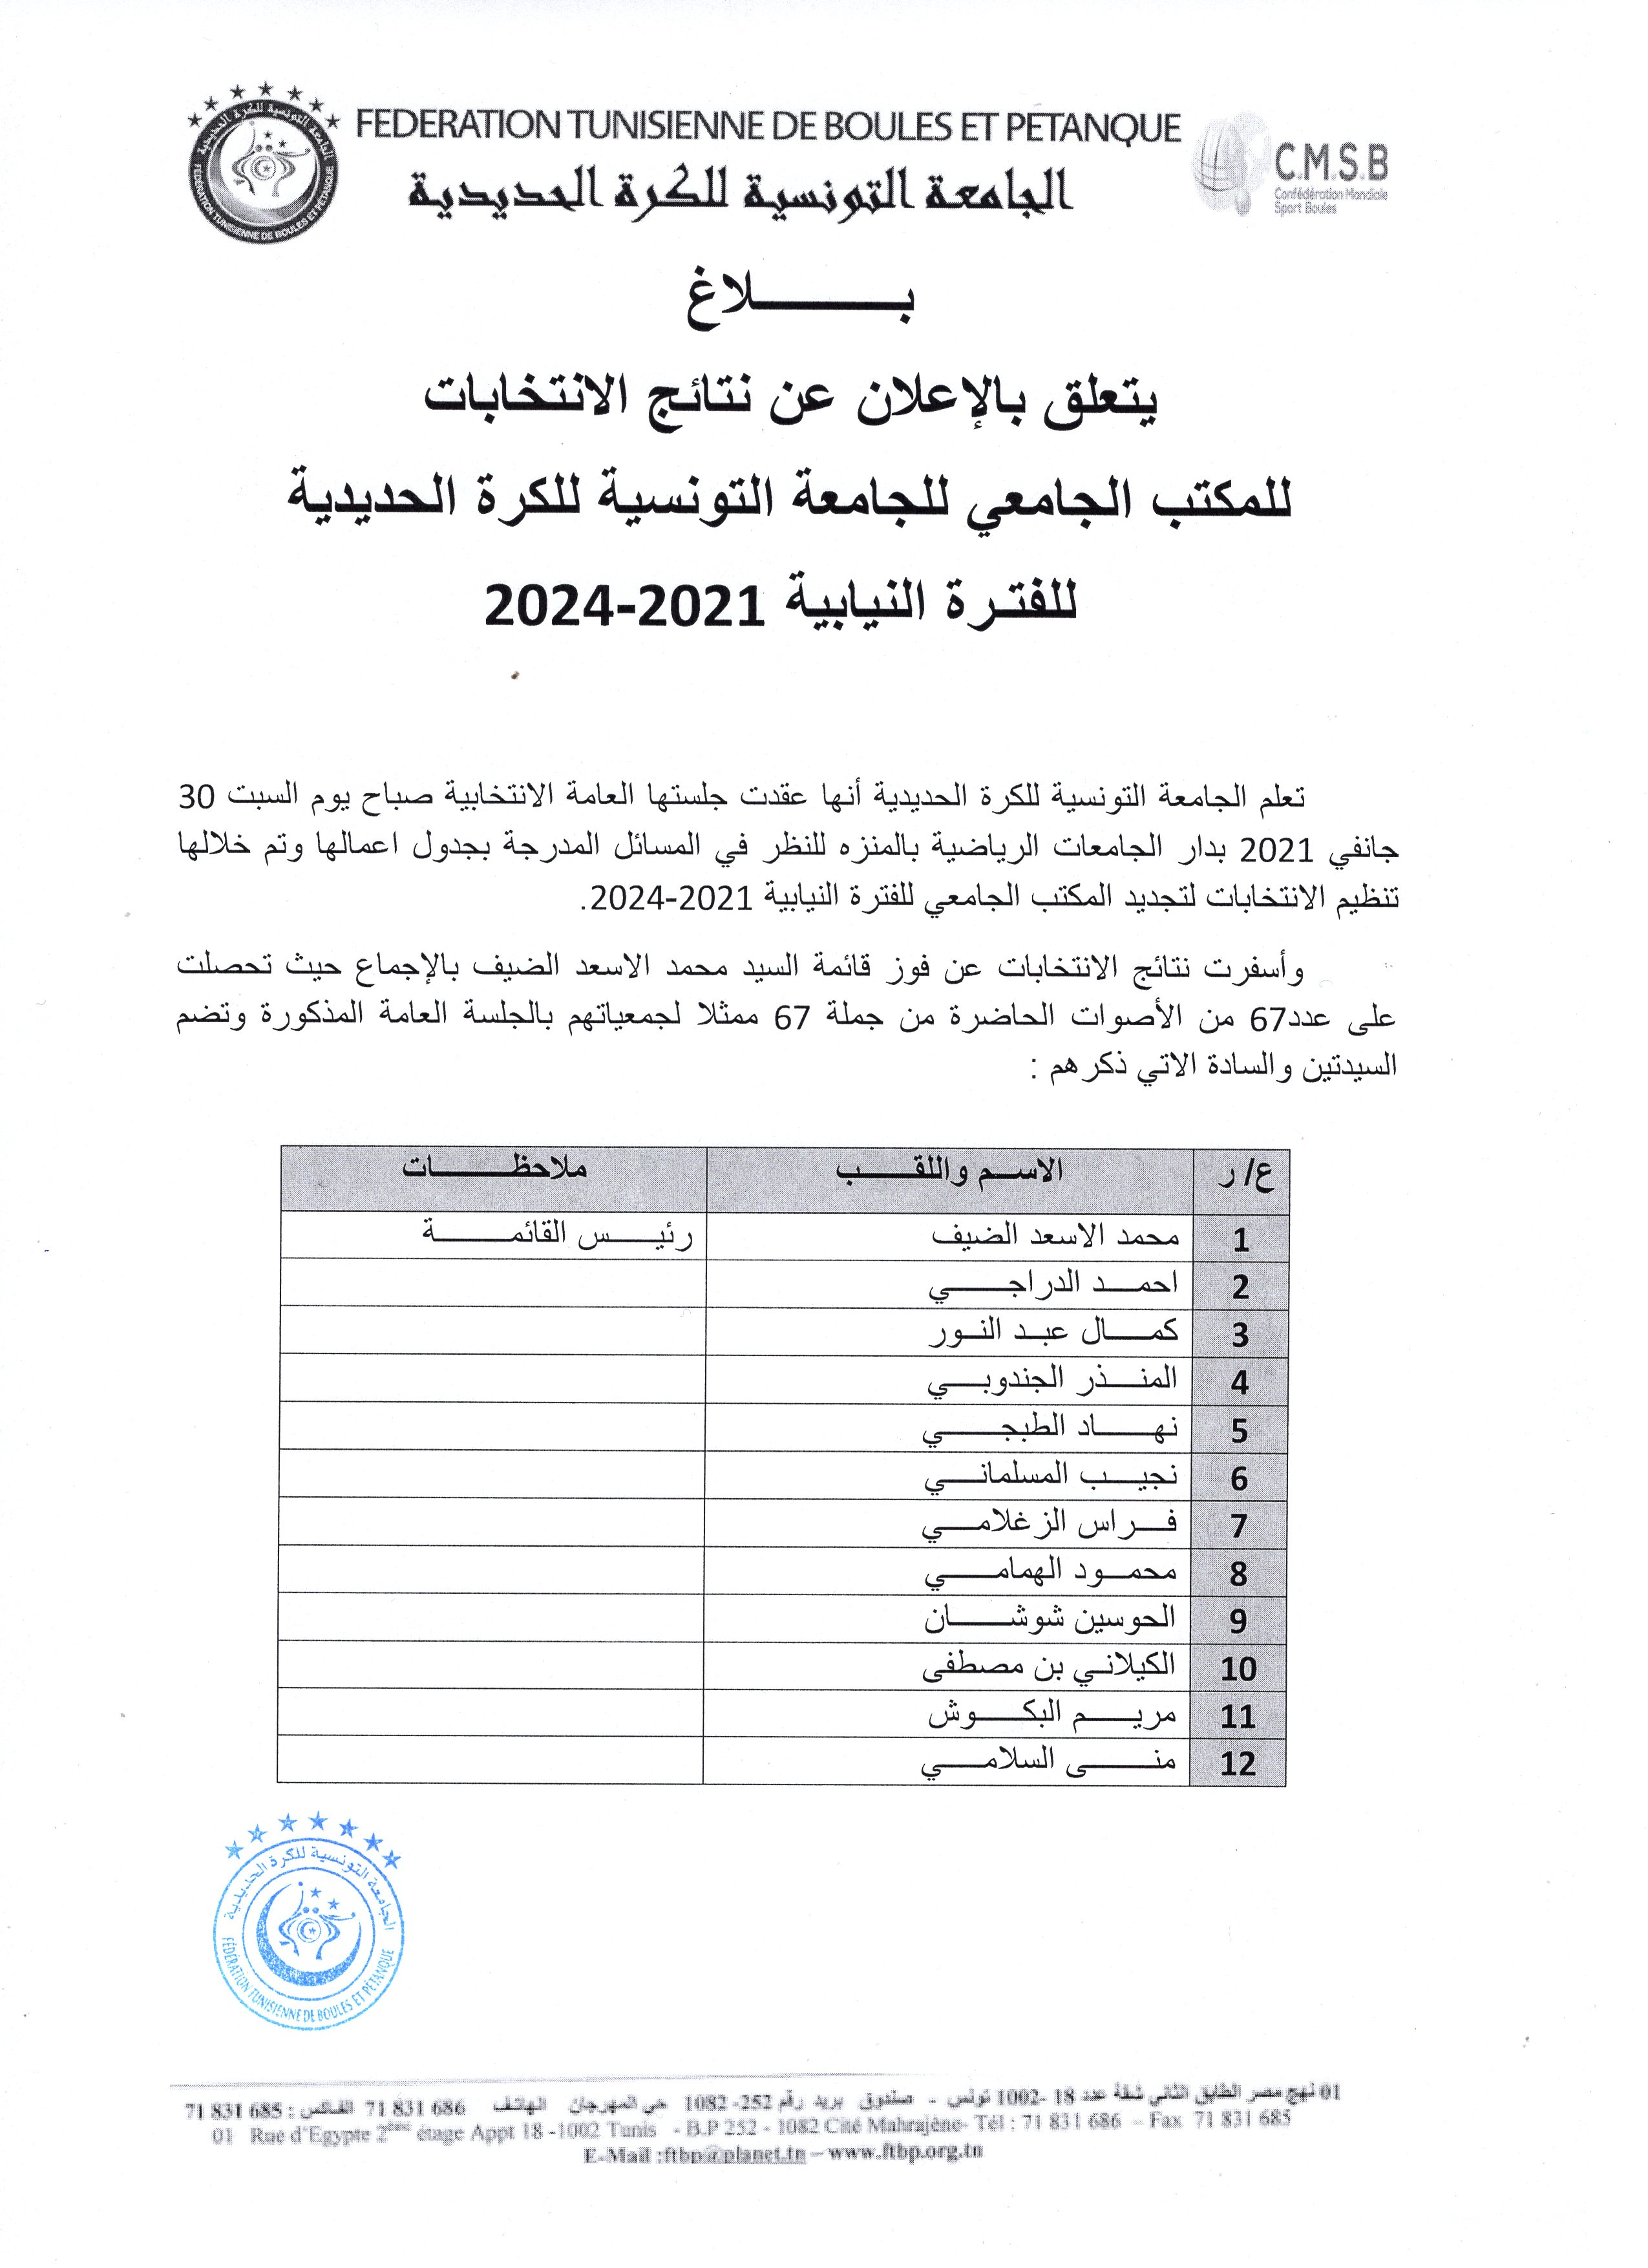 بلاغ نتائج الانتخابات الجامعية 2020